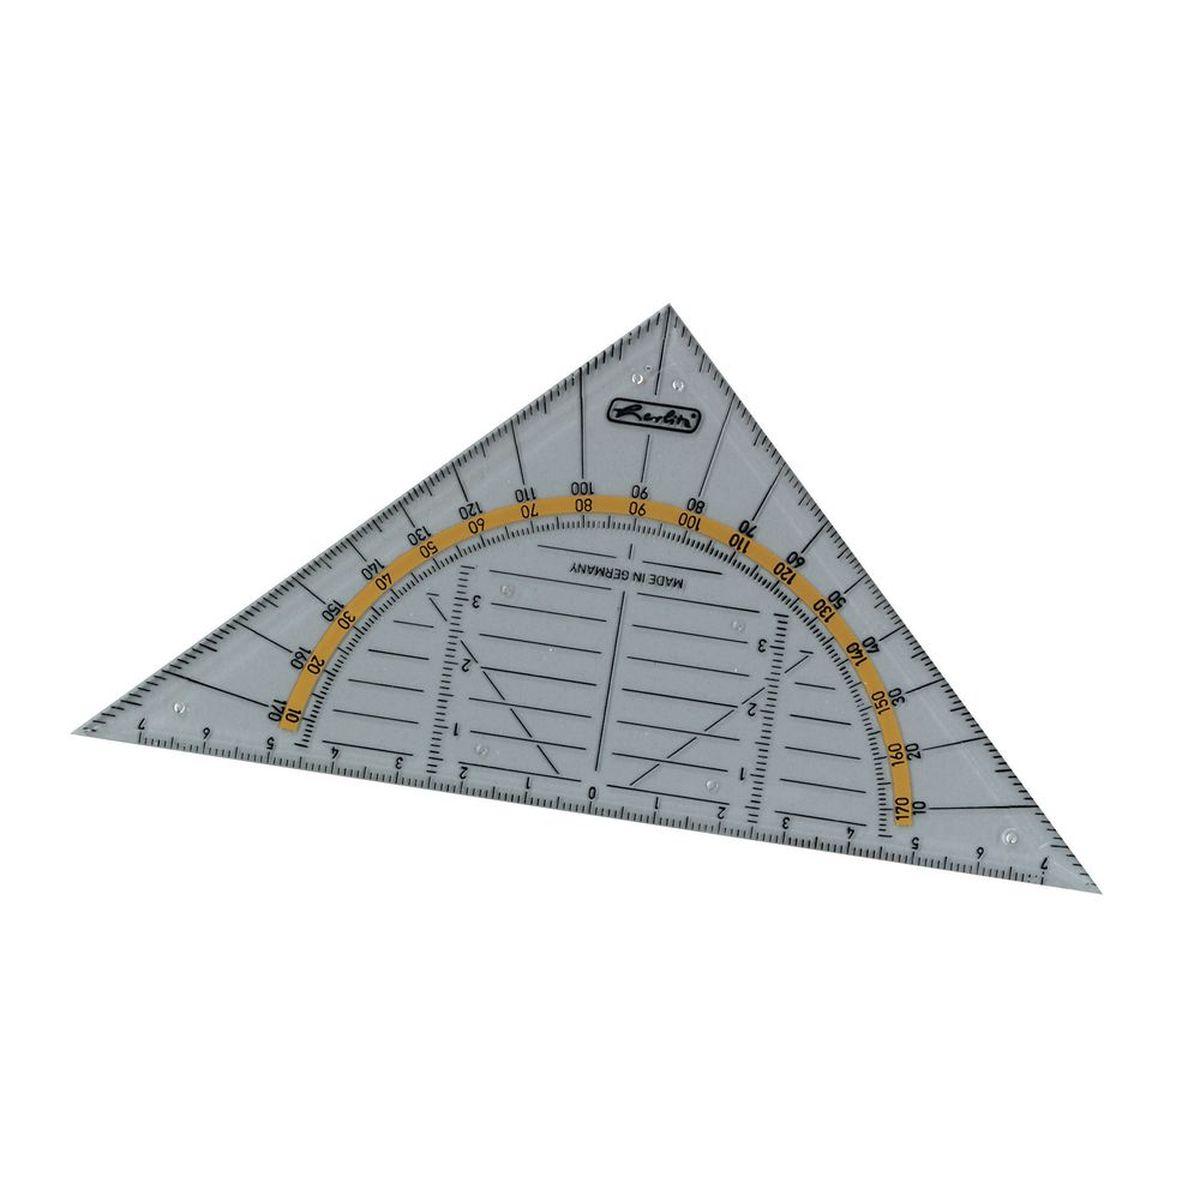 Треугольник с транспортиром от Herlitz, выполненный из прозрачного пластика, подходит как для правшей, так и для левшей. От середины треугольника идет разметка до семи сантиметров, как в левую сторону, так и в правую. Изготовлен из прозрачного полистирола и обладает четкой миллиметровой шкалой делений.Треугольник с удобным для измерения длины и черчения, устойчив к деформациям.Треугольник с транспортиром от Herlitz идеально подойдет для любого школьника или офисного работника.